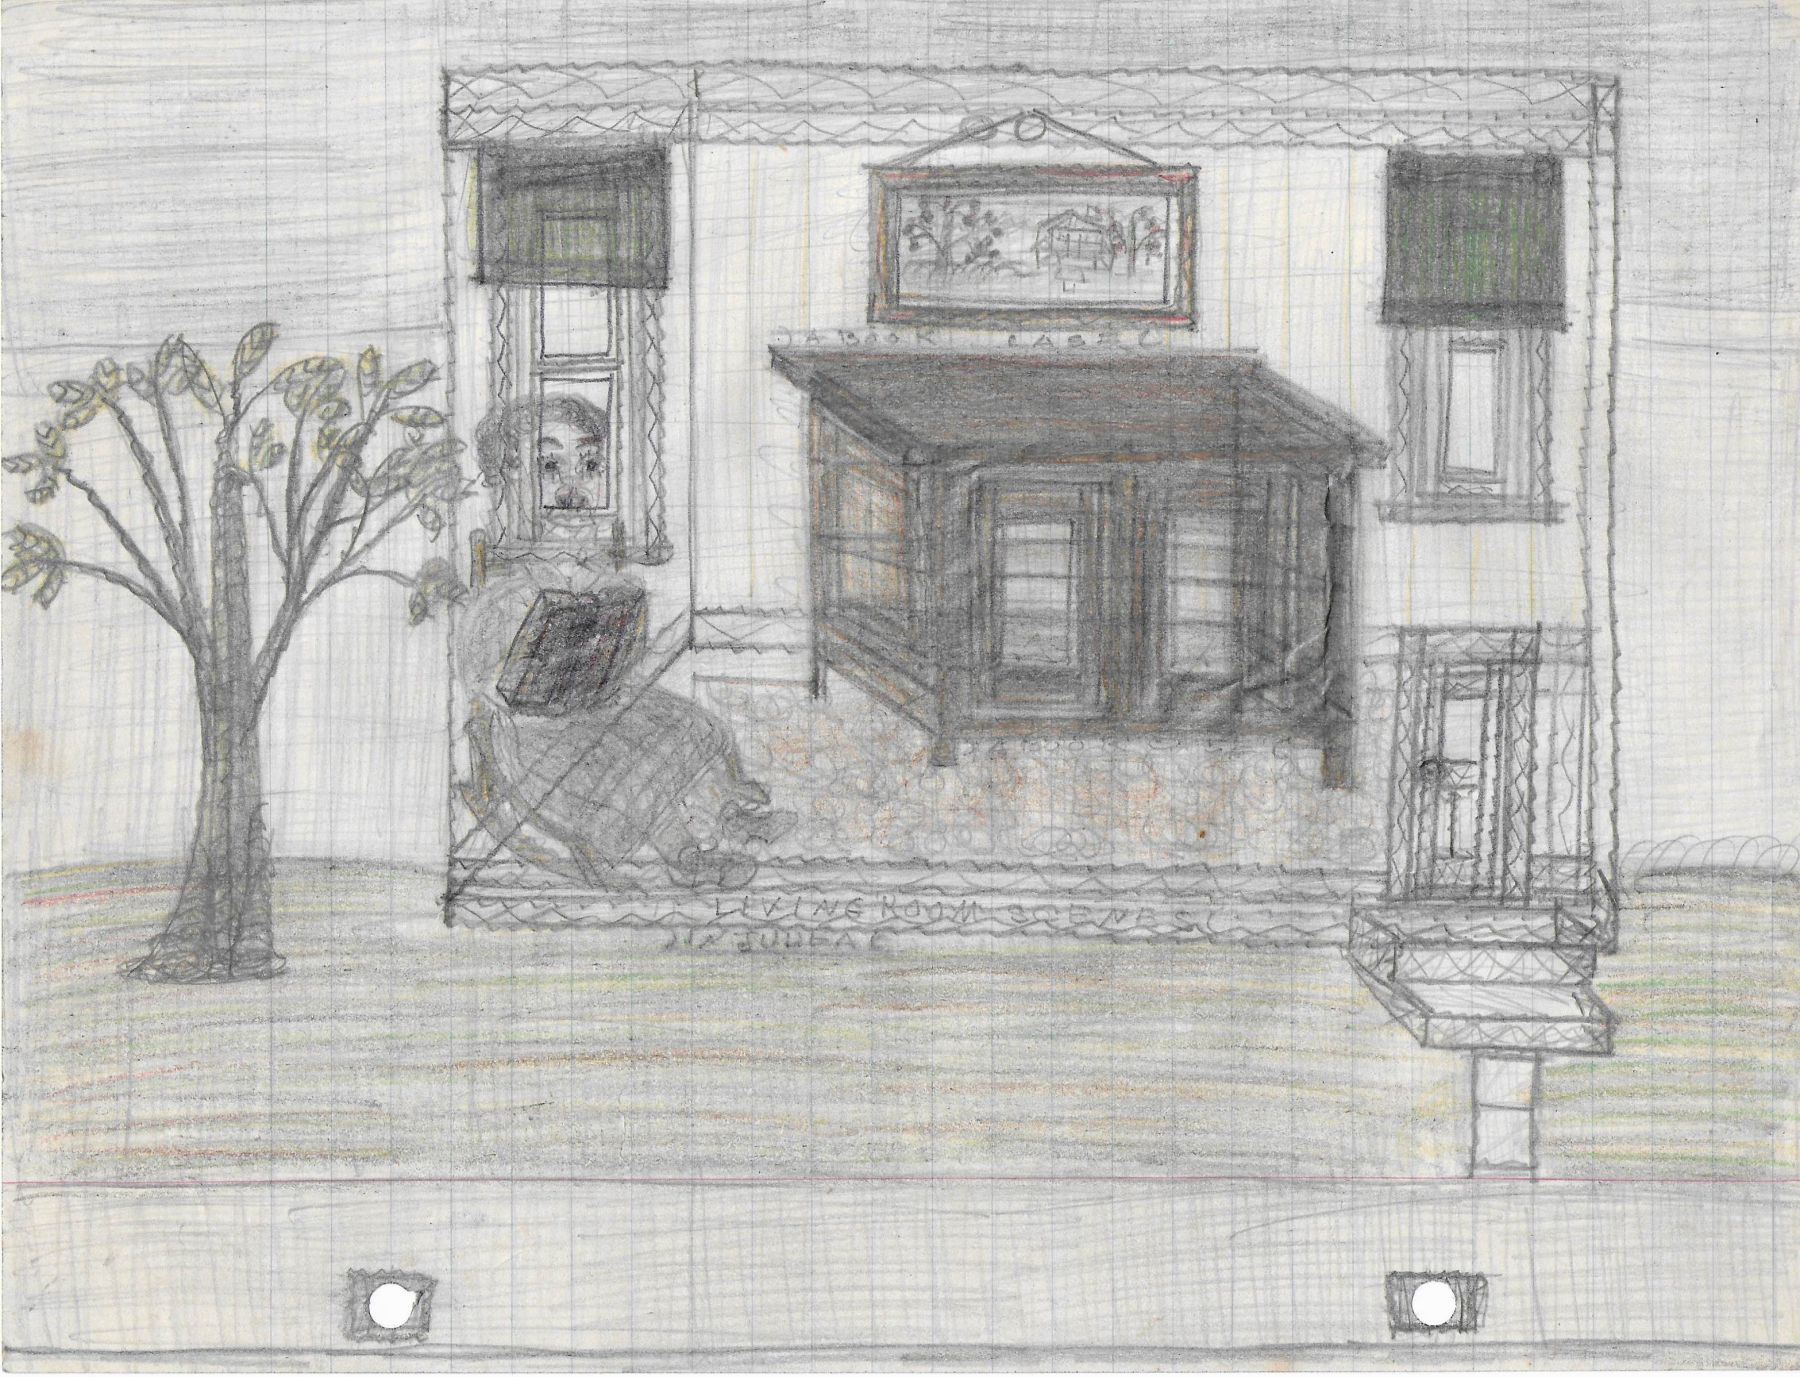 Pearl Blauvelt, Untitled (Living Room Scenes in Judea),c. 1940